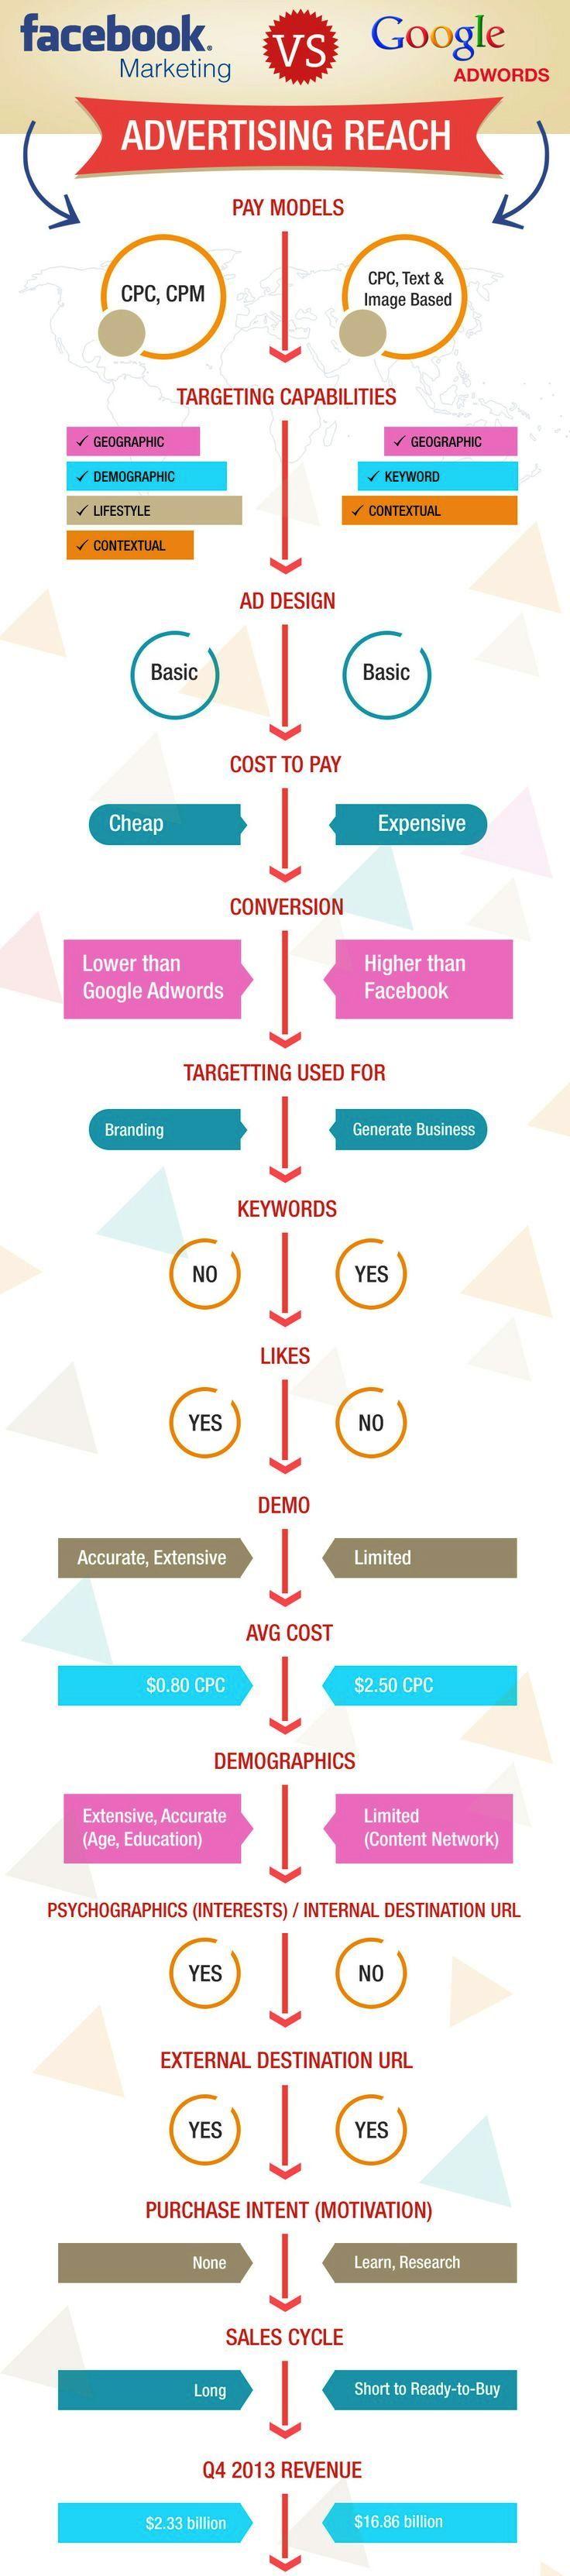 Facebook Marketing vs Google Adwords #Ads #SocialMedia